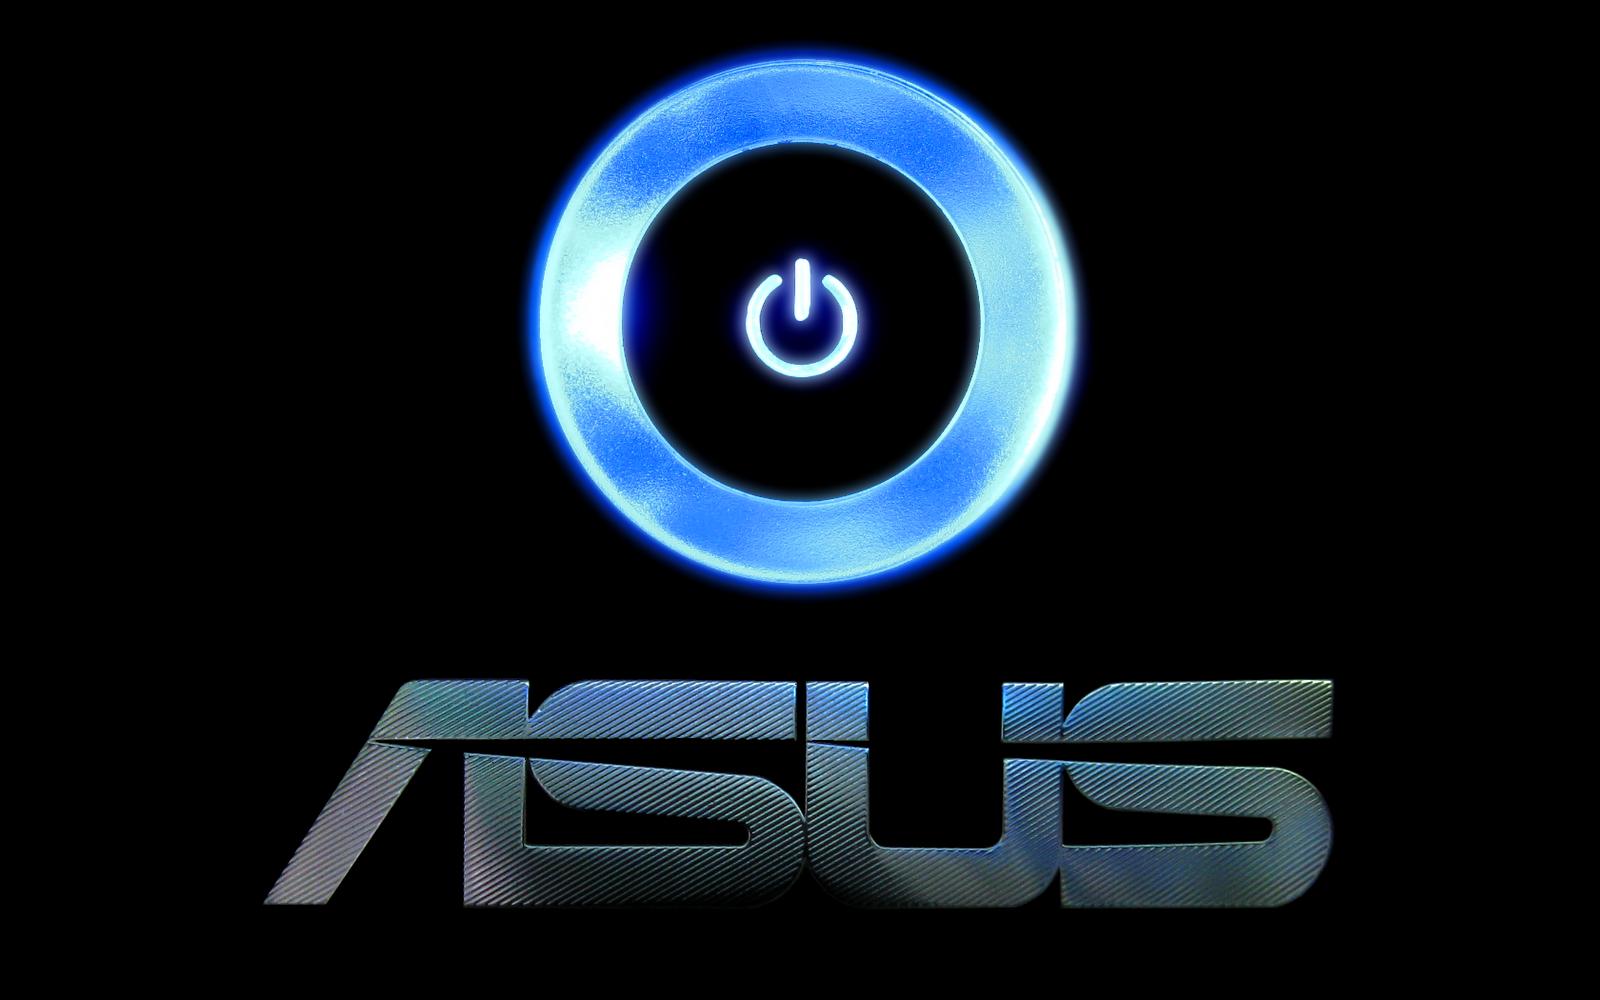 Asus symbol Wallpaper